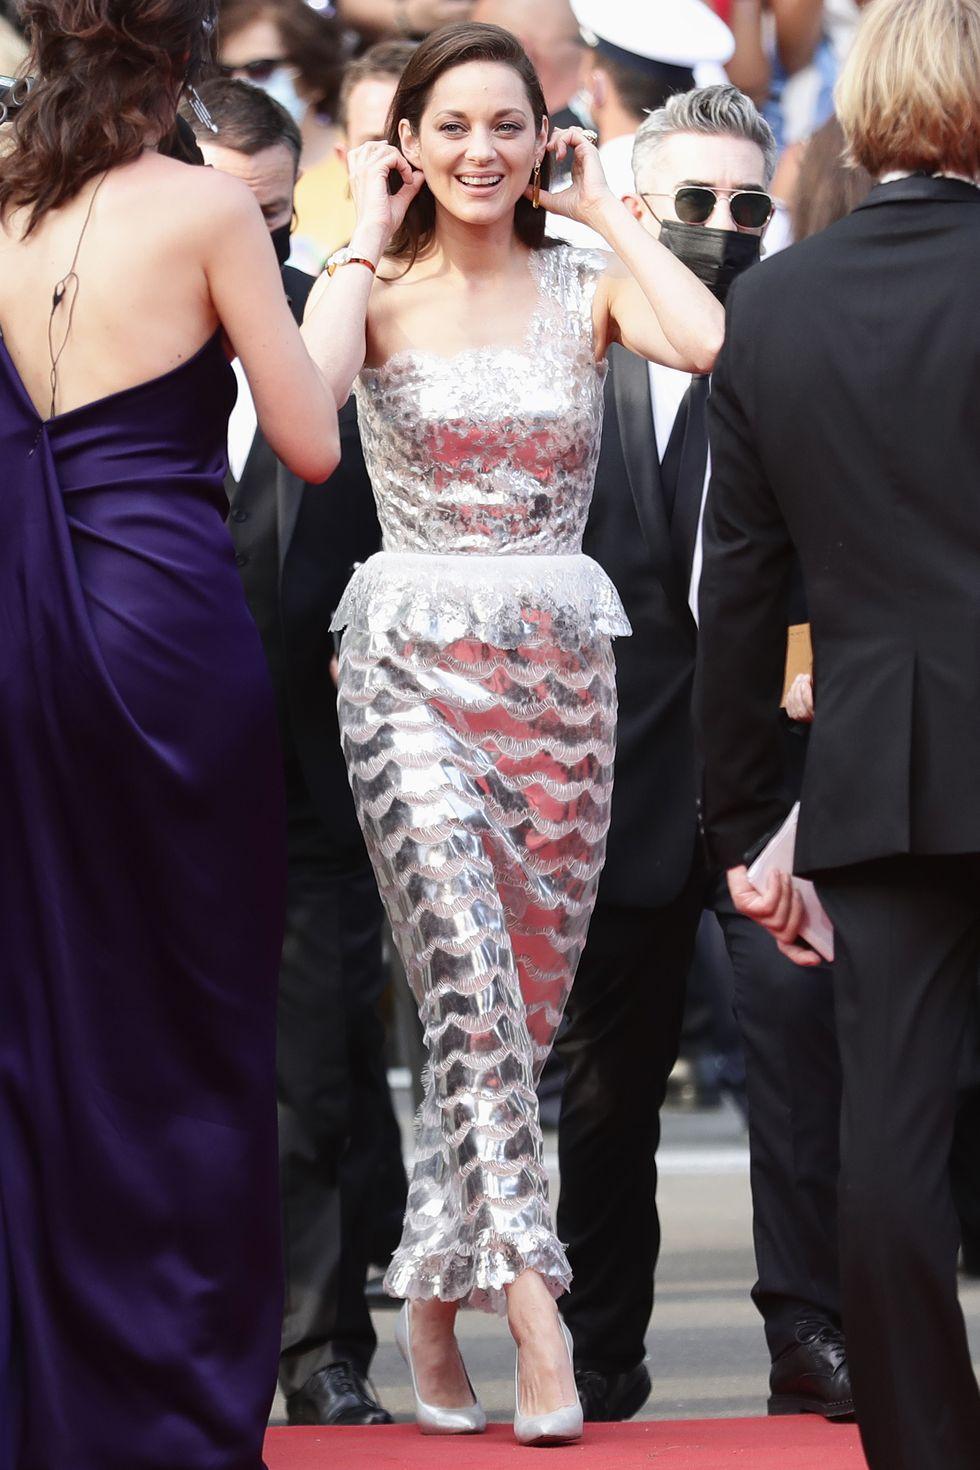 Ngôi sao Annette Marion Cotillard tỏa sáng trong chiếc váy Chanel bất đối xứng màu bạc ánh kim nổi bật. Cô nàng không quên phối thêm đôi giày cao gót đồng bộ, bông tai to bản… mang đến vẻ ngoài đơn giản nhưng không kém phần sang trọng